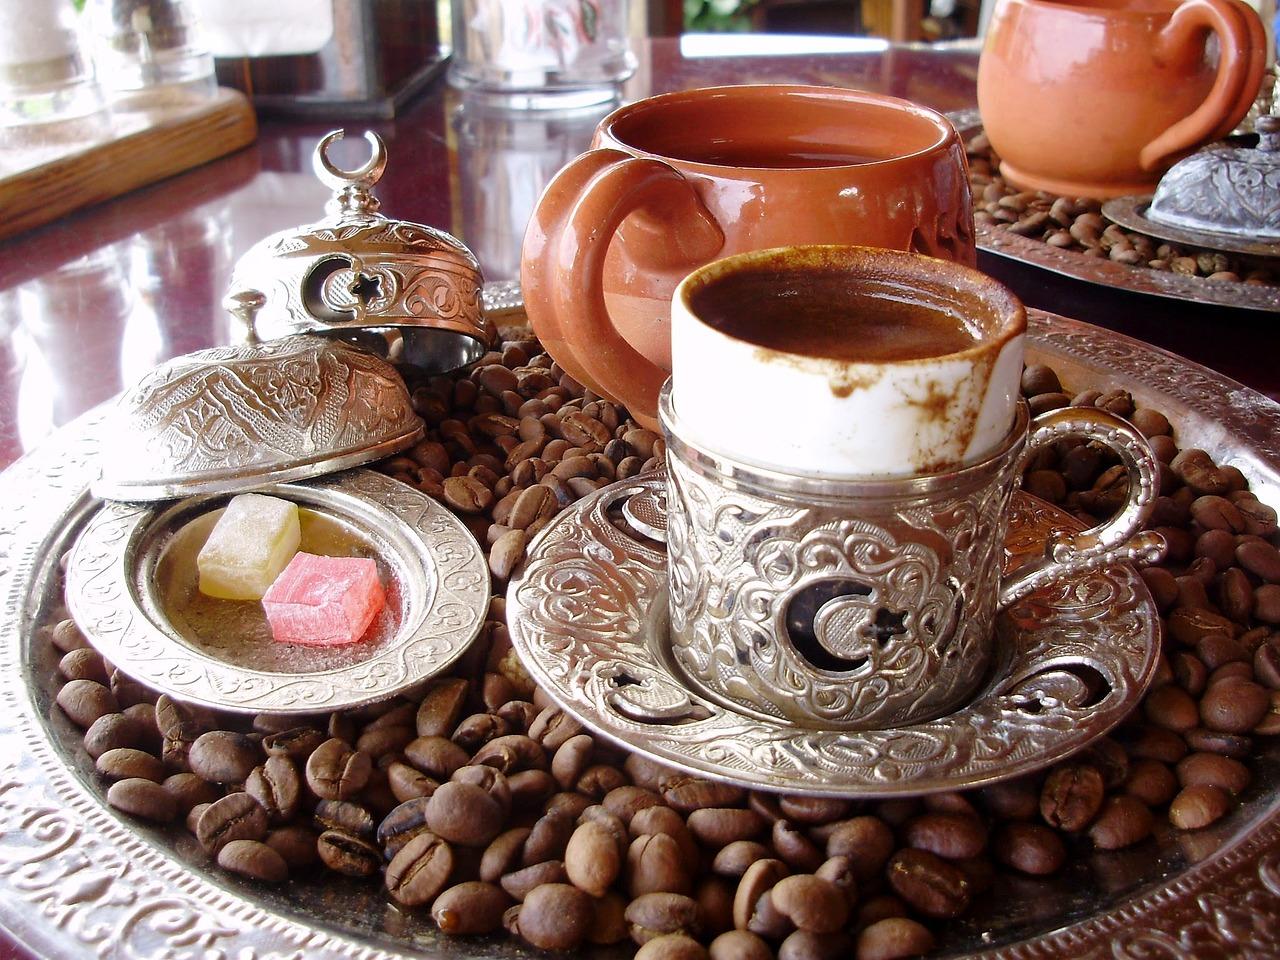 コーヒーの飲み方の元祖は、トルコ・コーヒー?